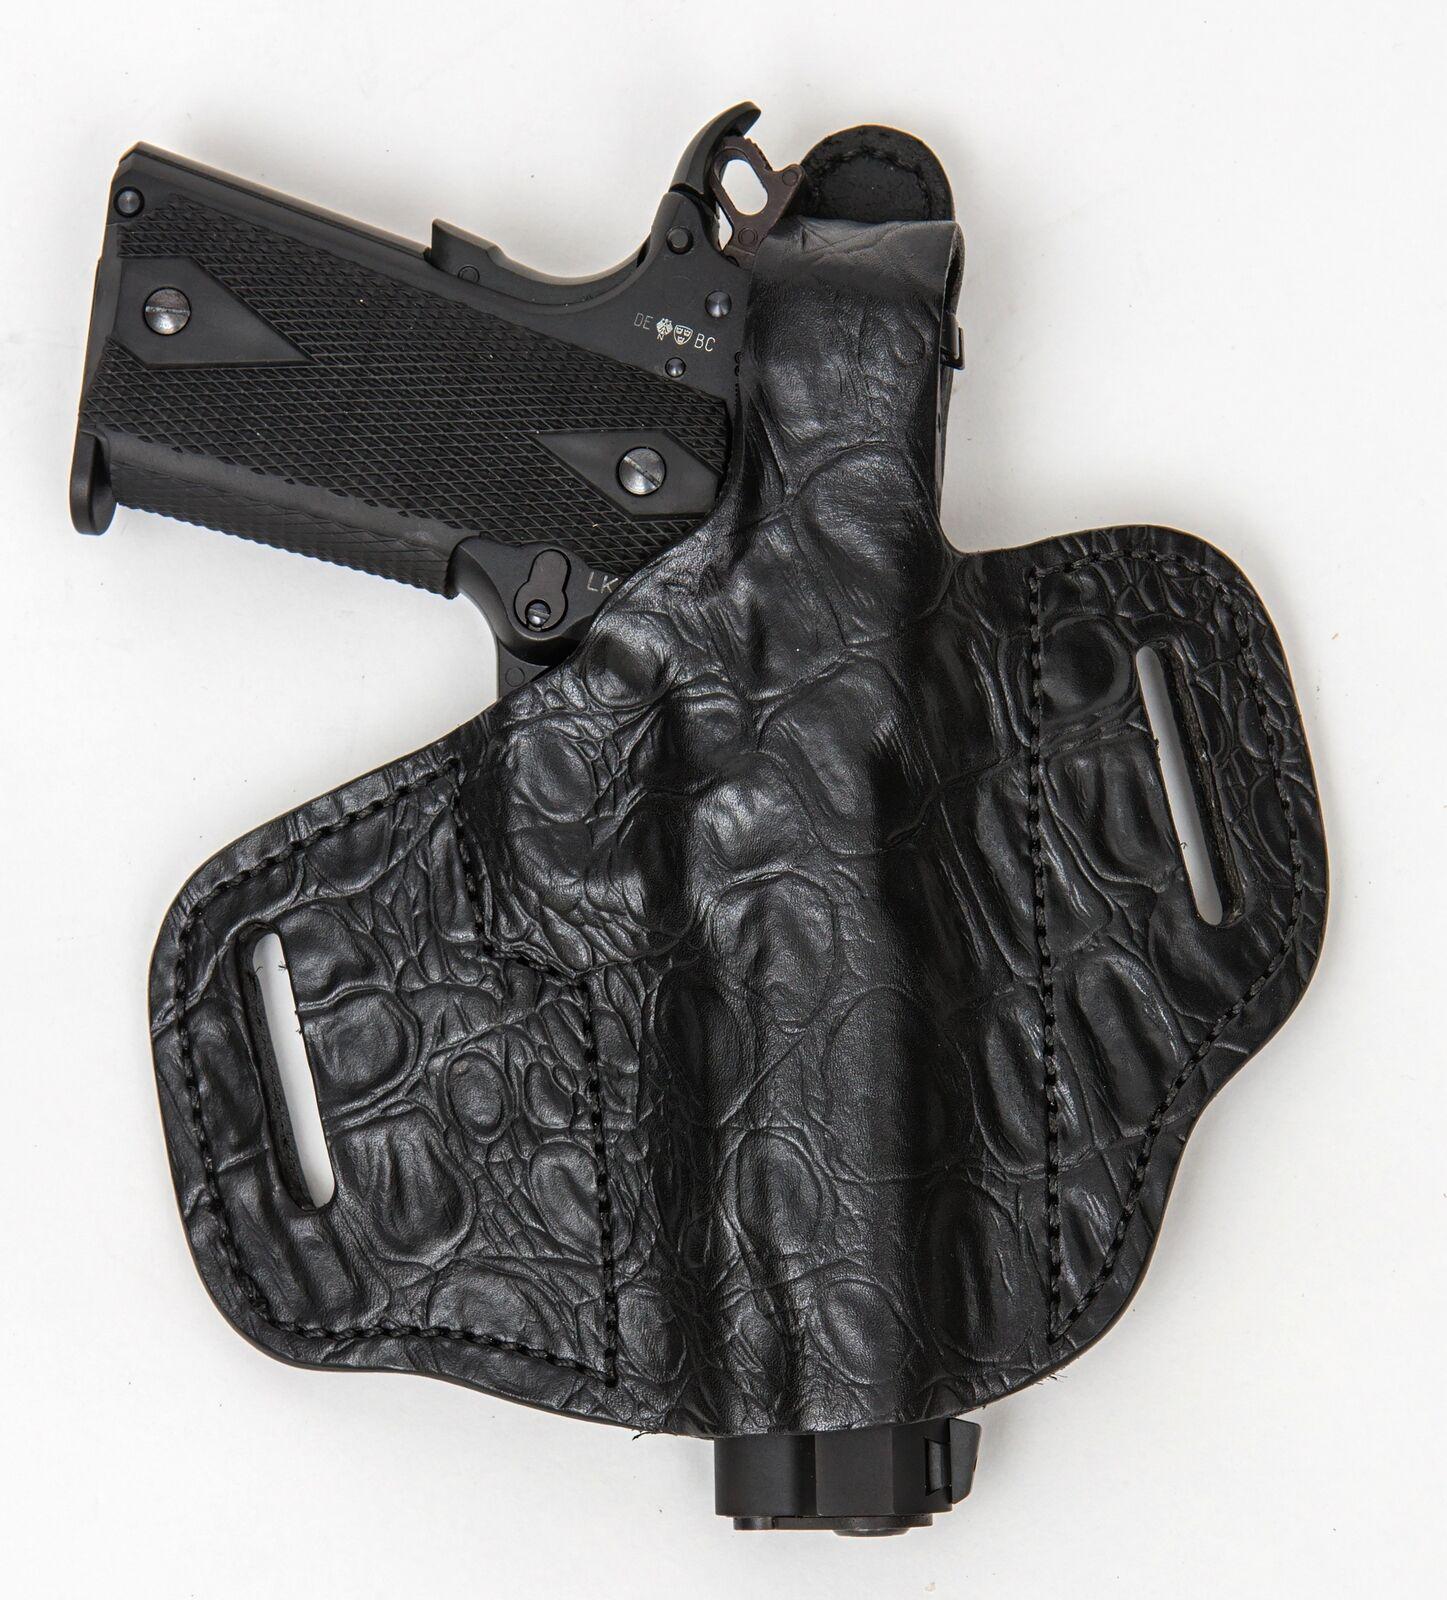 En servicio ocultar RH LH owb Cuero Funda Pistola para HK P30SK